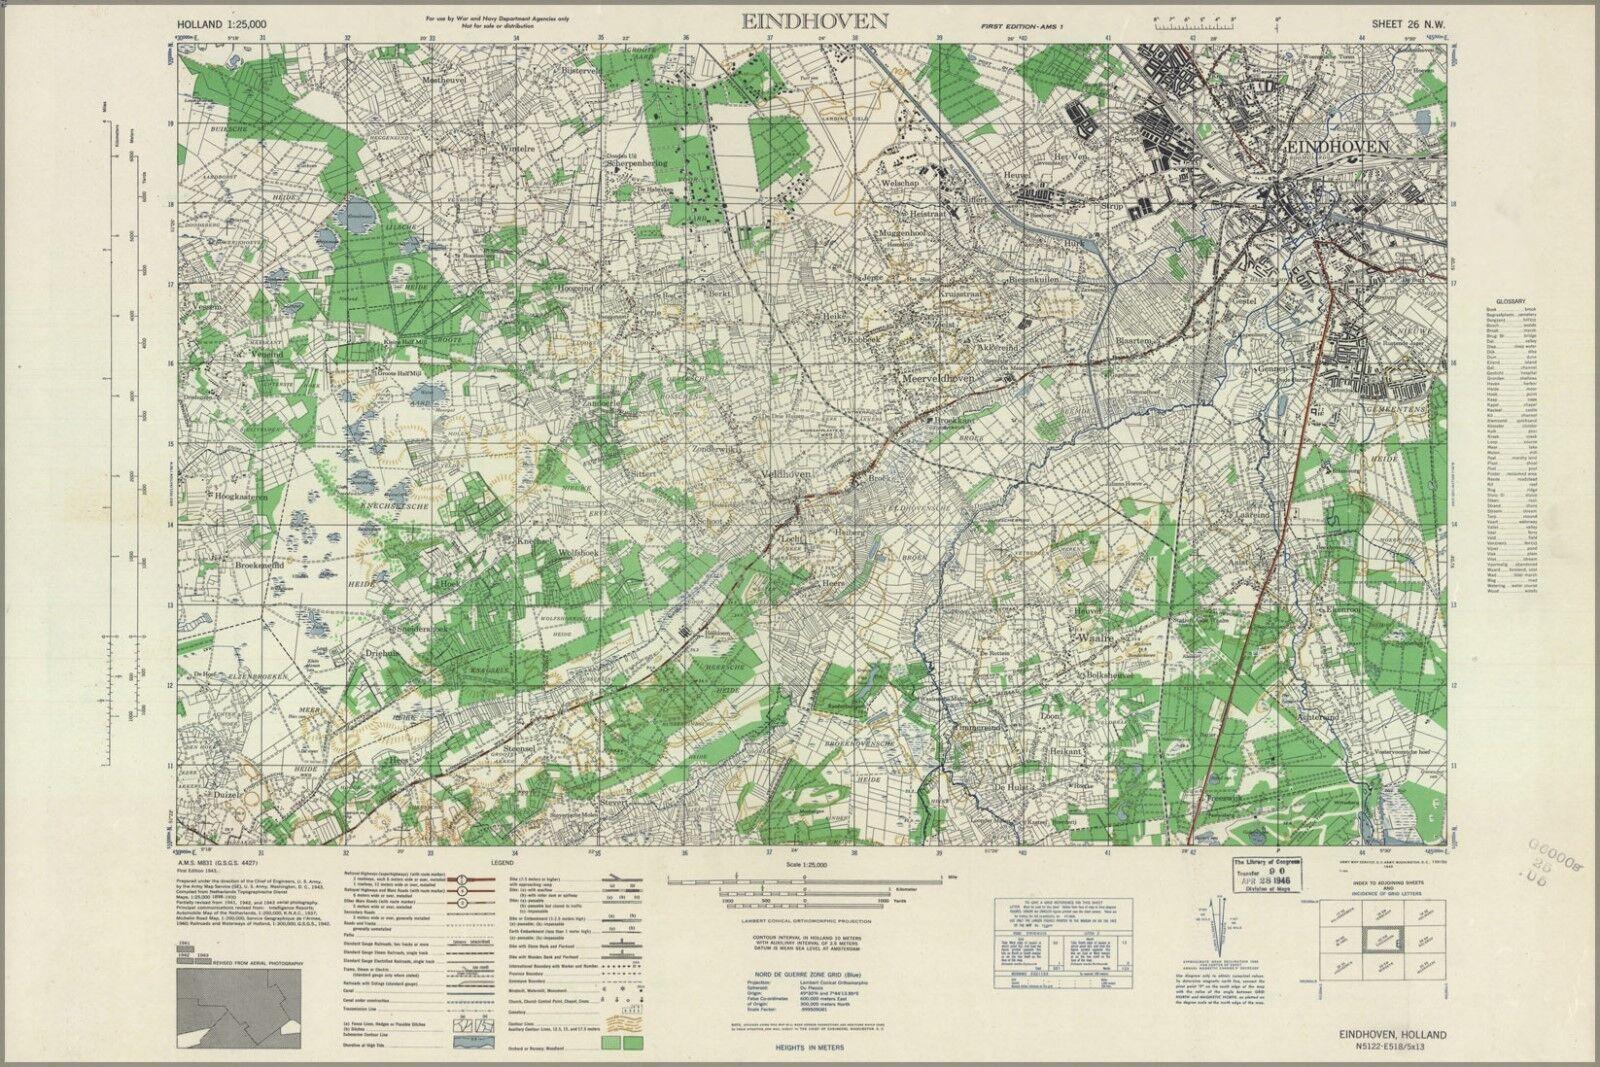 Plakat, Viele Größen; Eindhoven, Holland 1943 Us Army KKunste